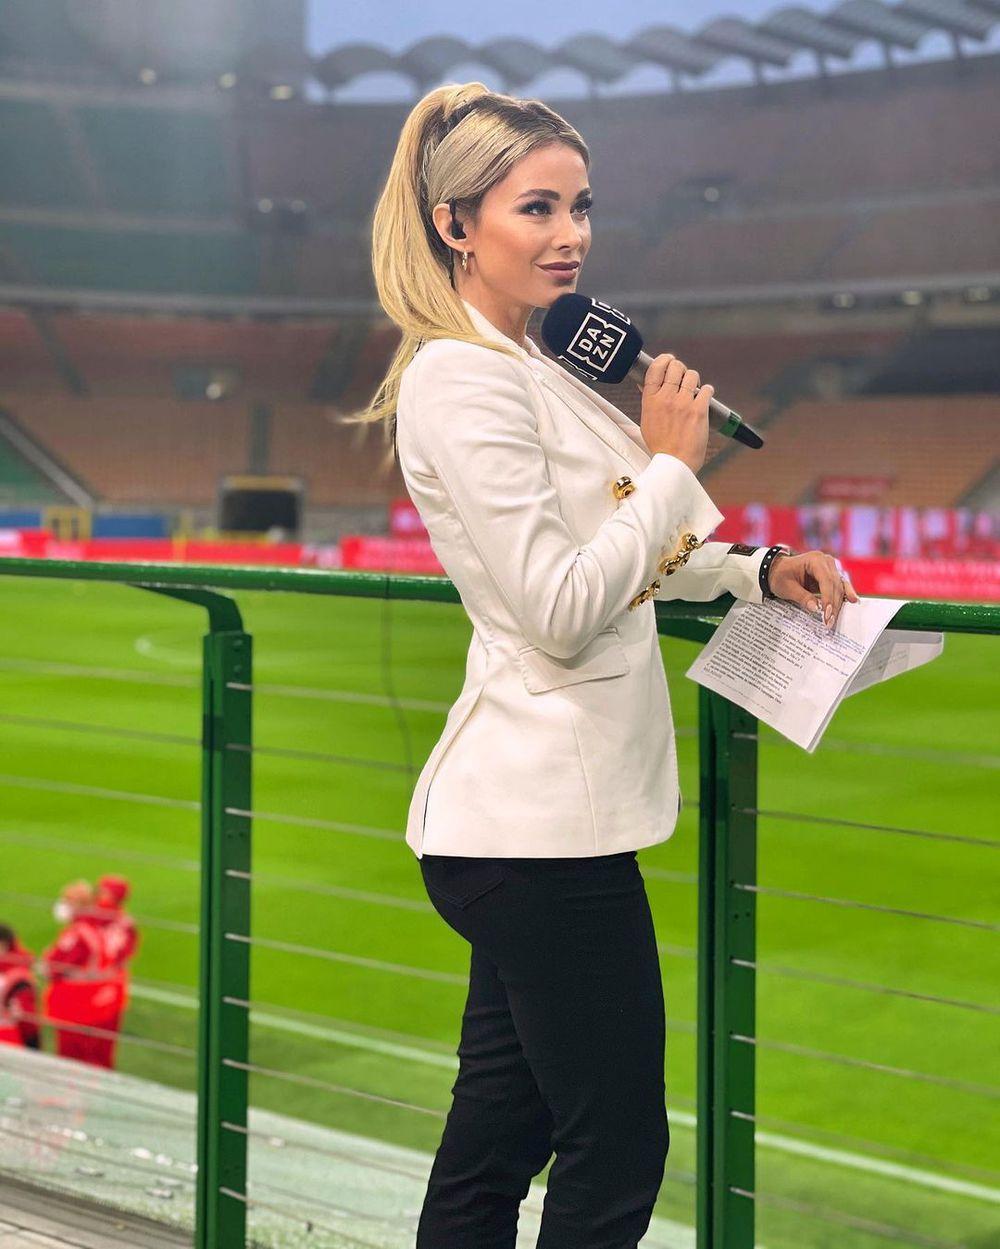 Nữ phóng viên thể thao quyến rũ nhất hành tinh úp mở về chuyện tình trường, fan mày râu được nước mở cờ trong bụng - Ảnh 2.